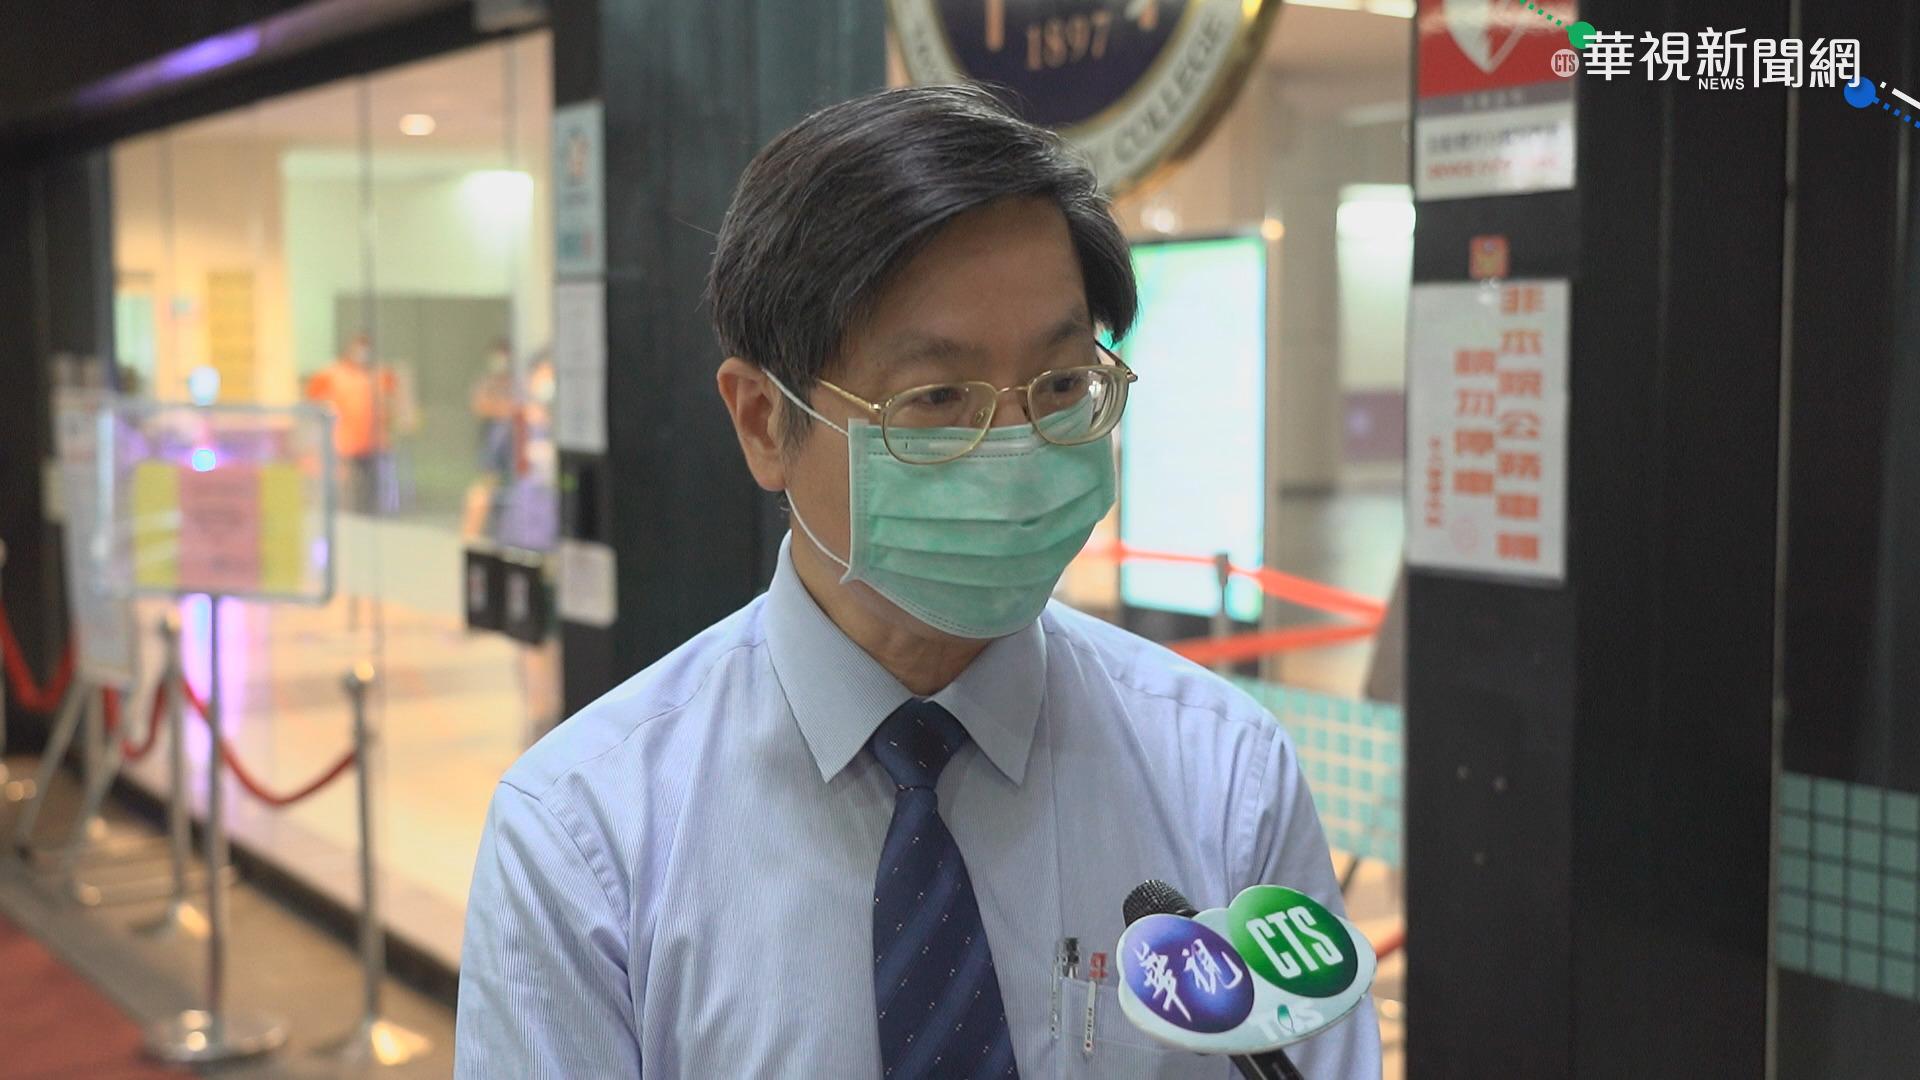 國產疫苗傳爭議! 獨家專訪張上淳說分明